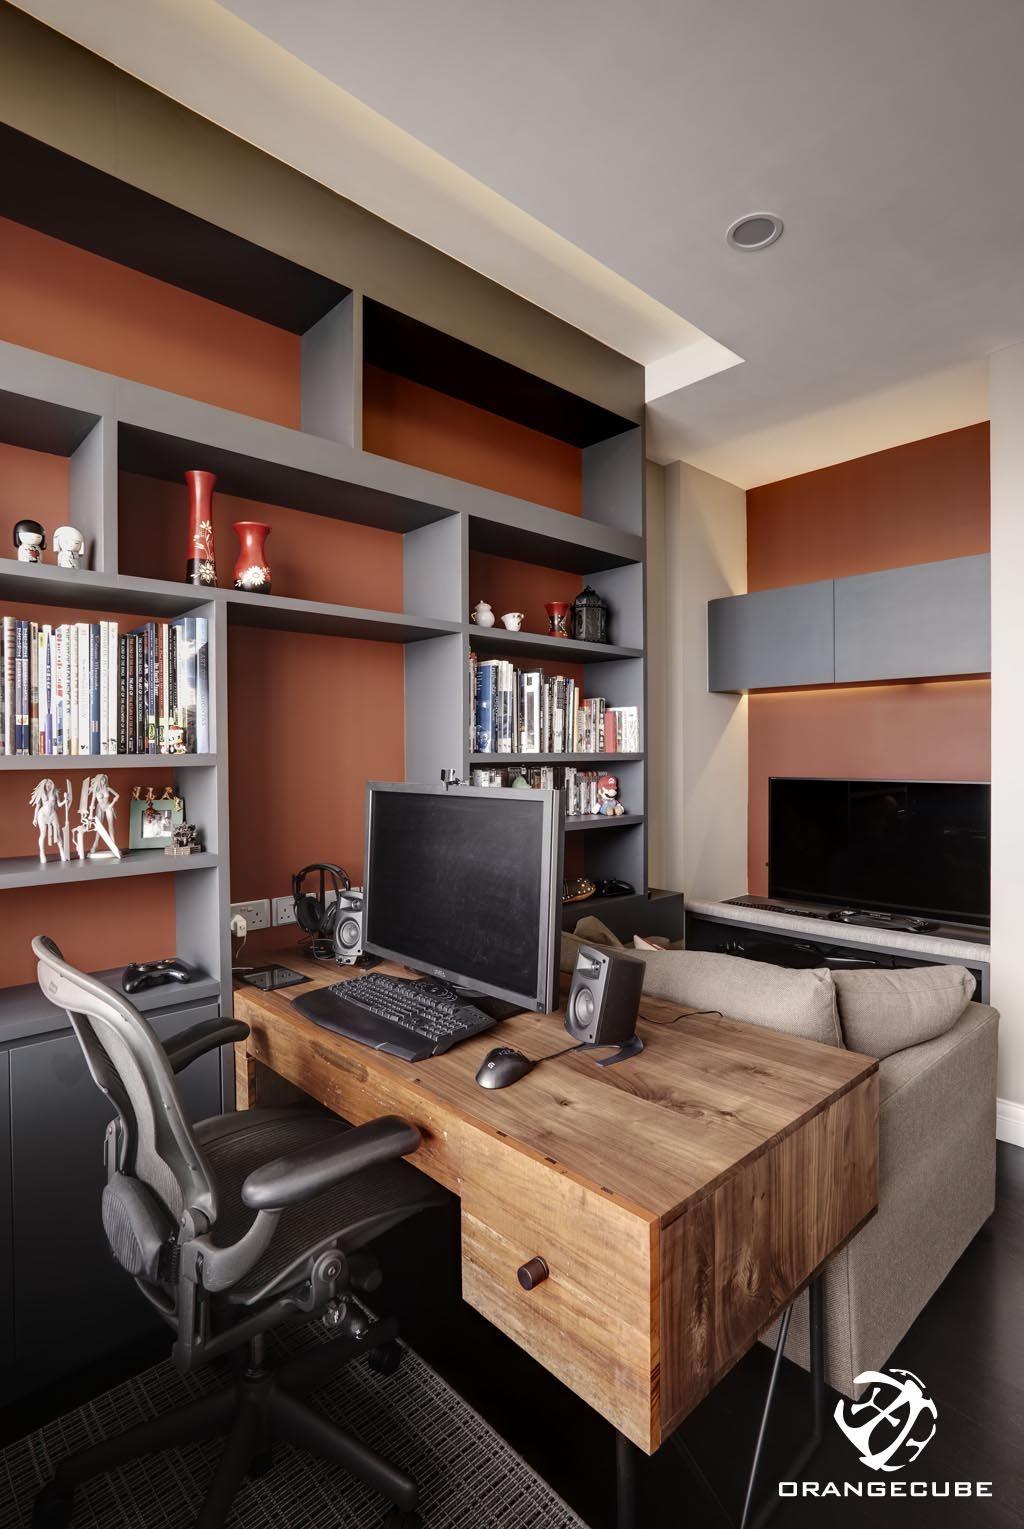 Condo@Aalto - Study  Home & Decor Singapore  Home decor, Home